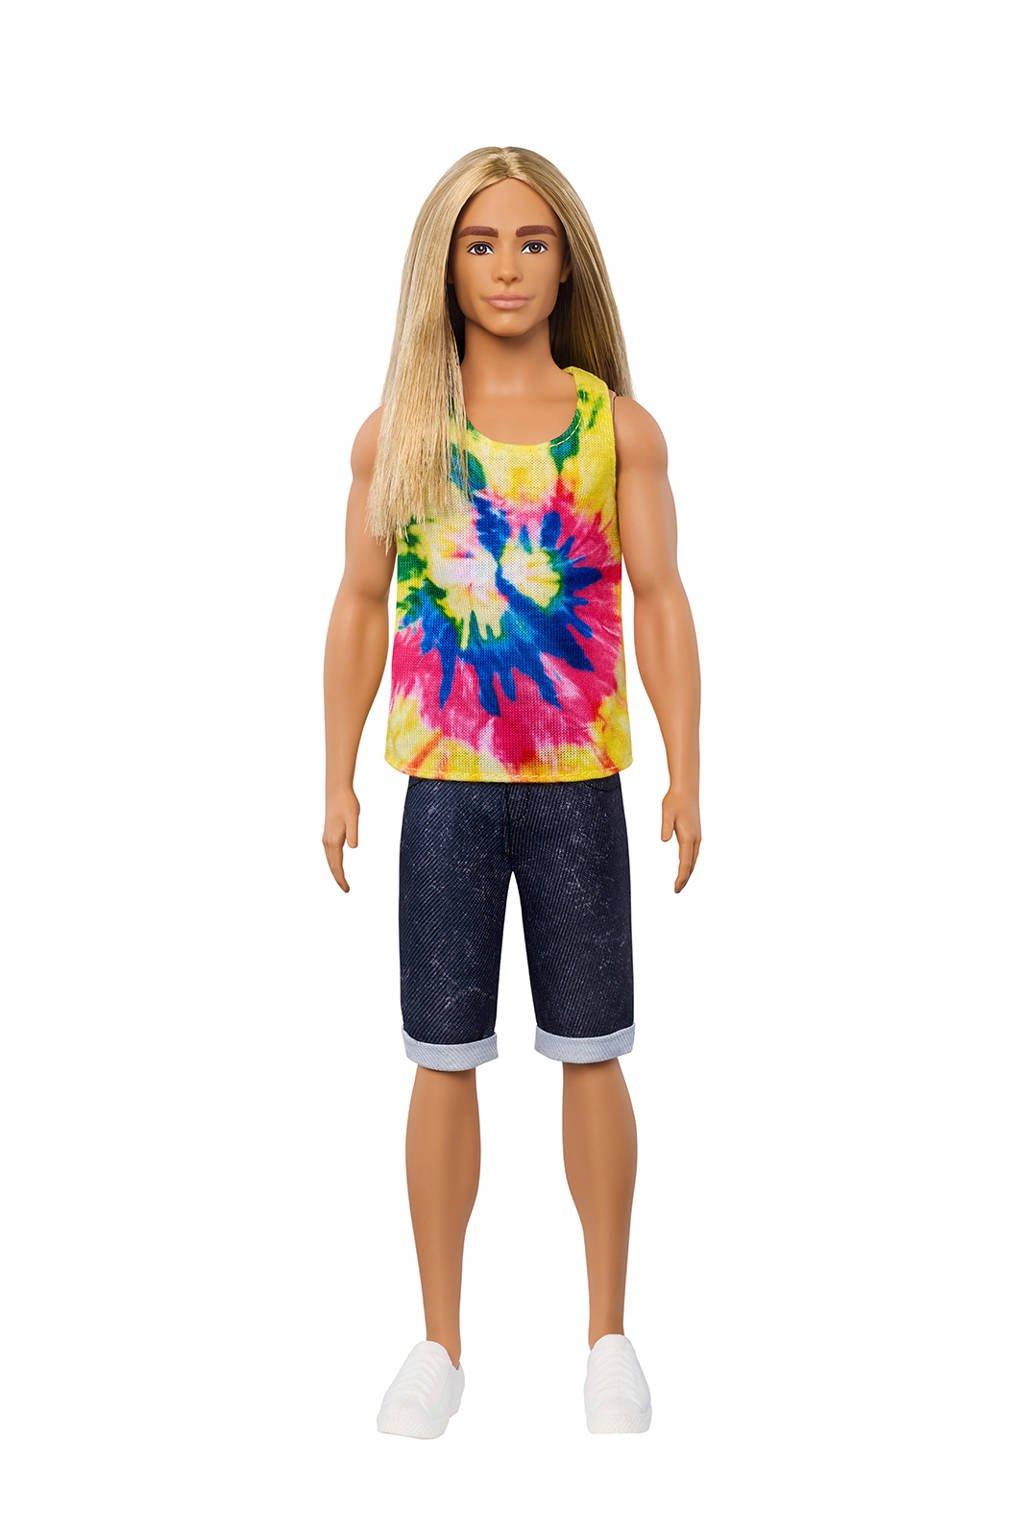 Barbie Ken Fashionistas lange haren